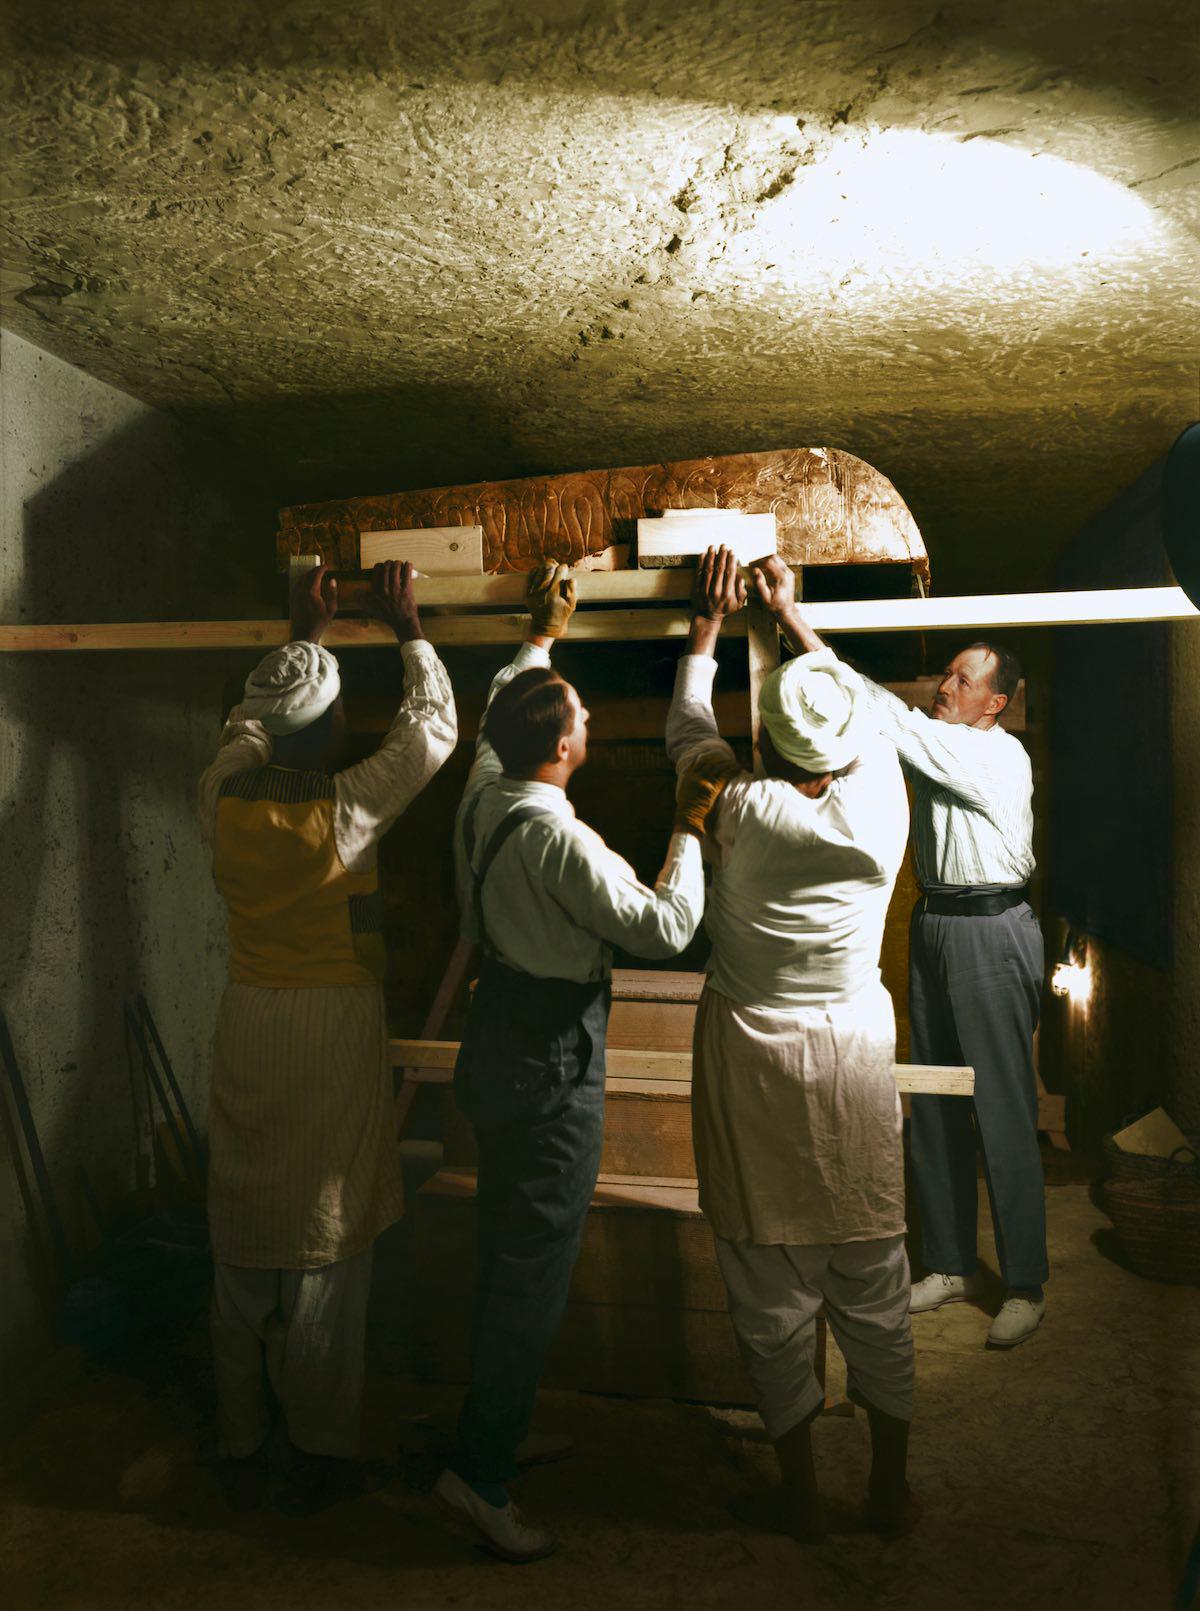 Картер, Каллендер и двое египетских рабочих осторожно достают золотой саркофаг в погребальной камере